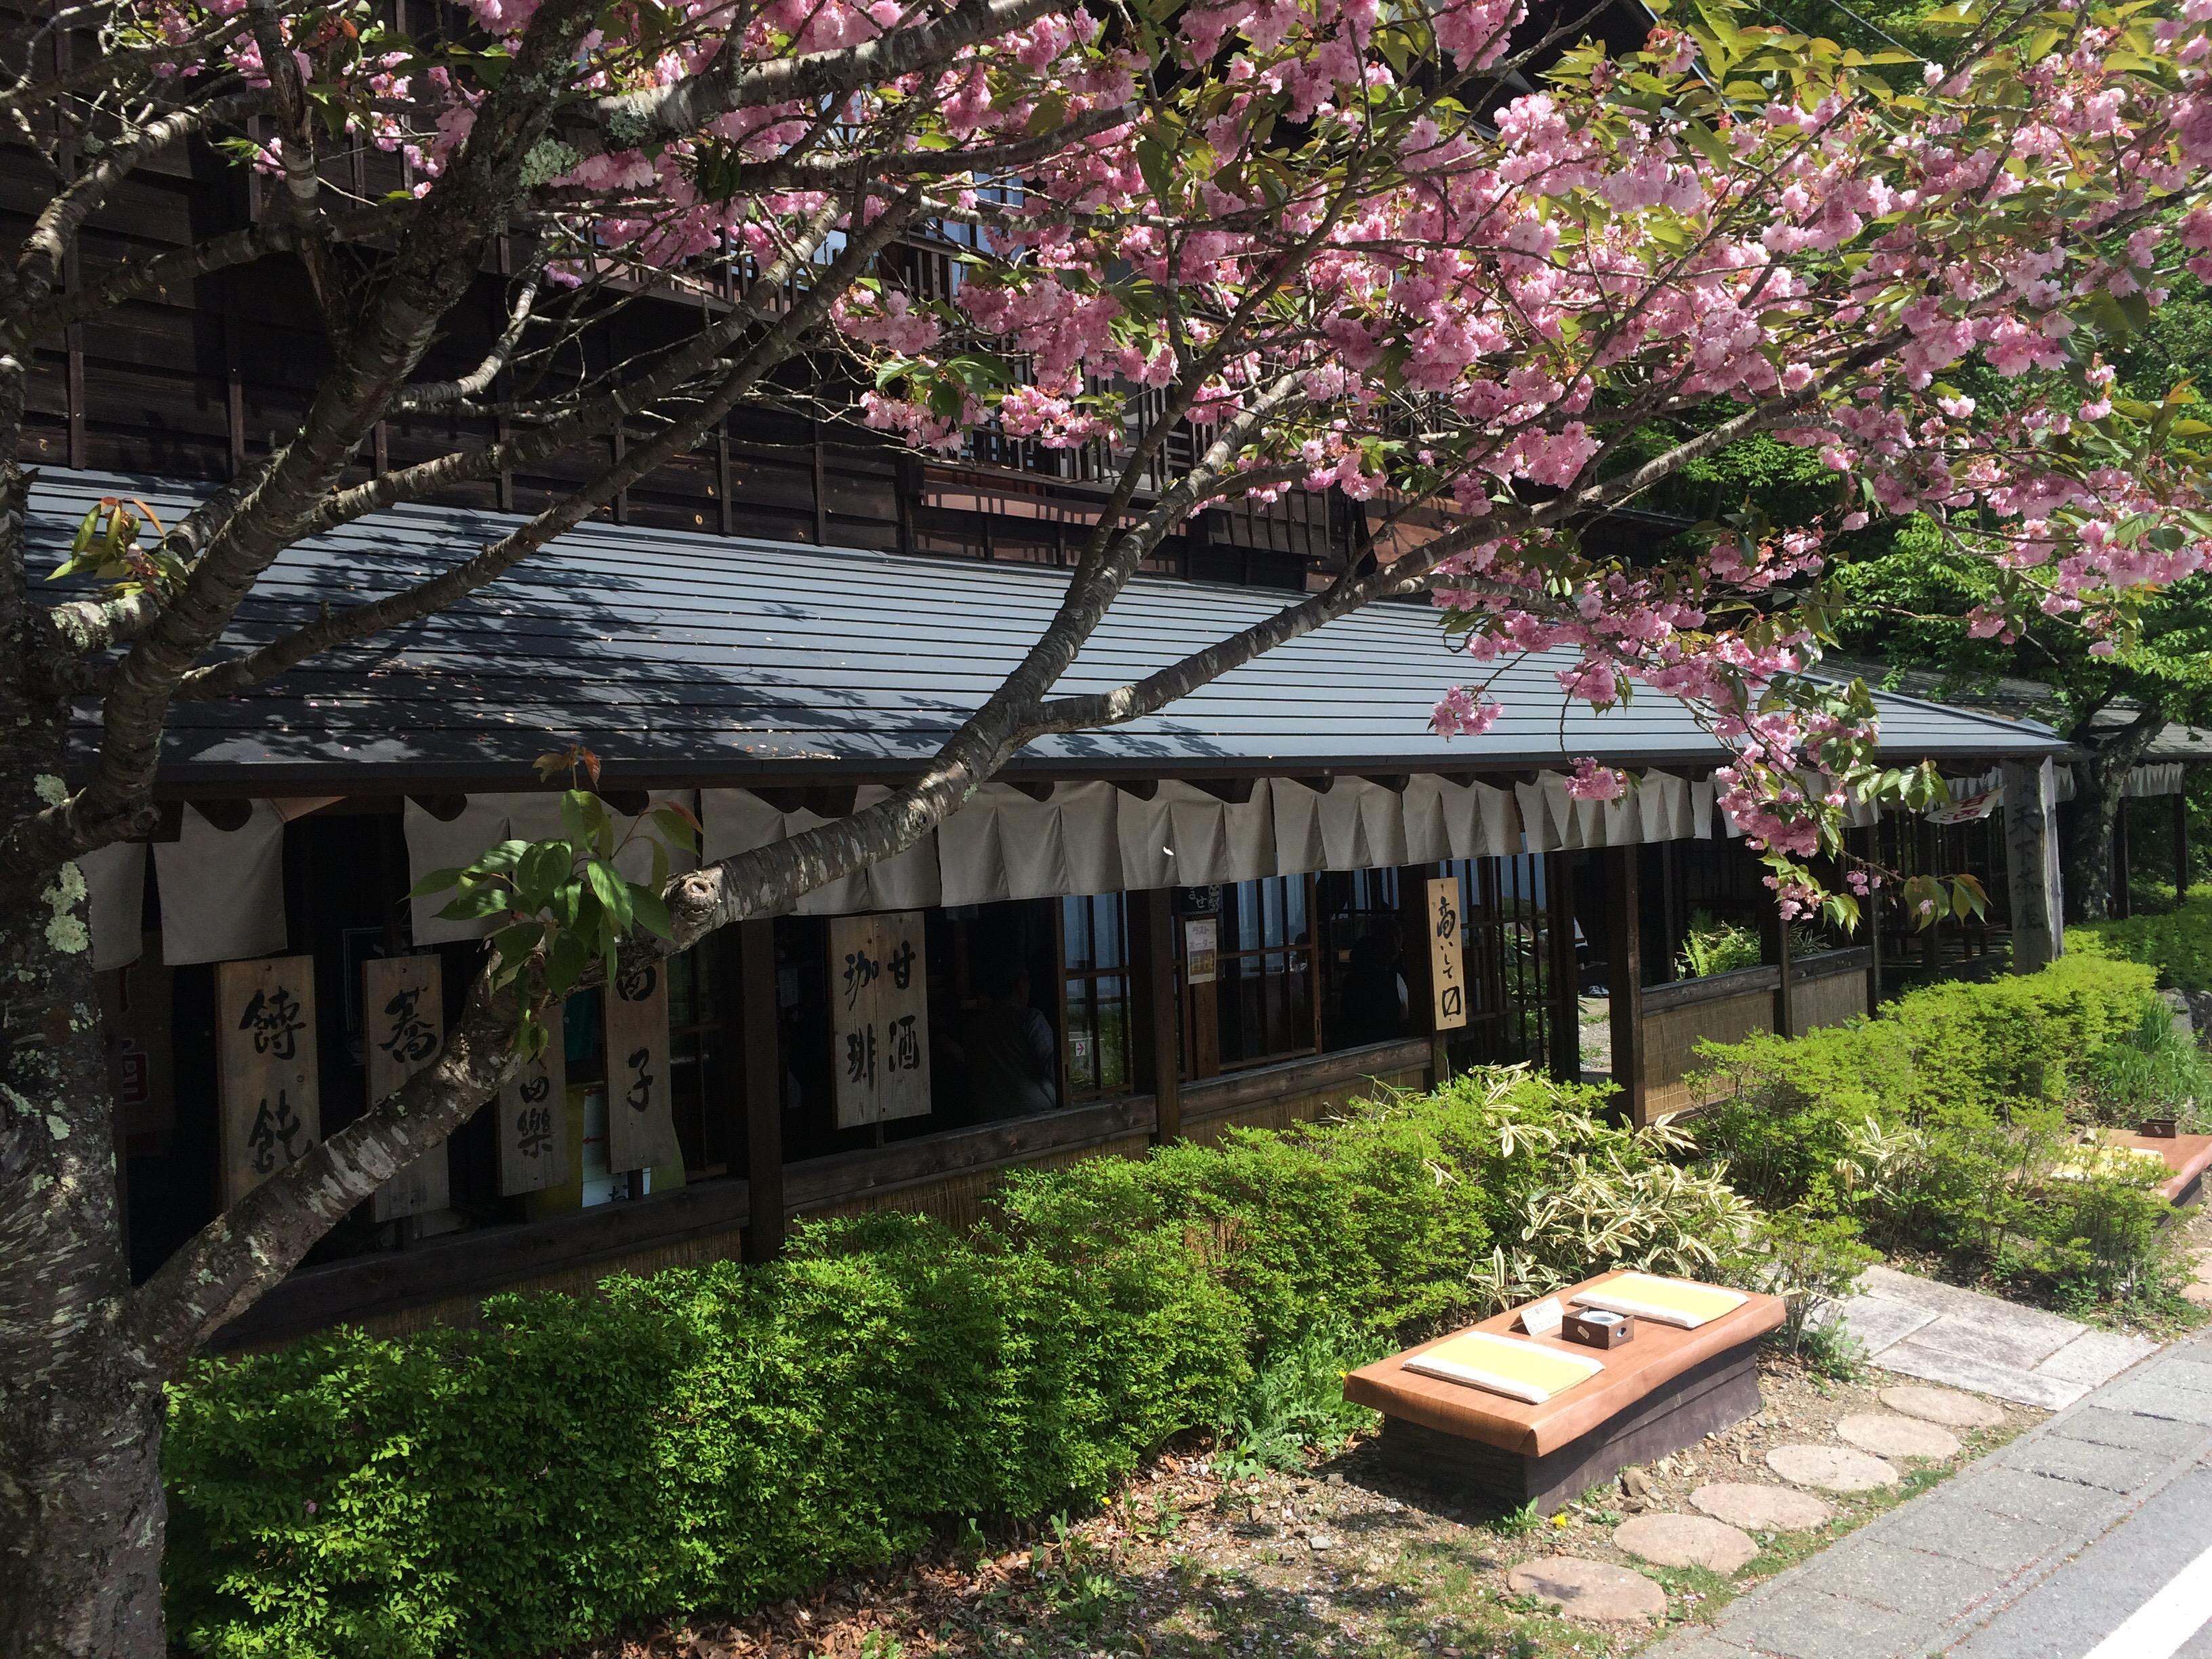 徒歩ではいけないカフェ?山梨の天下茶屋